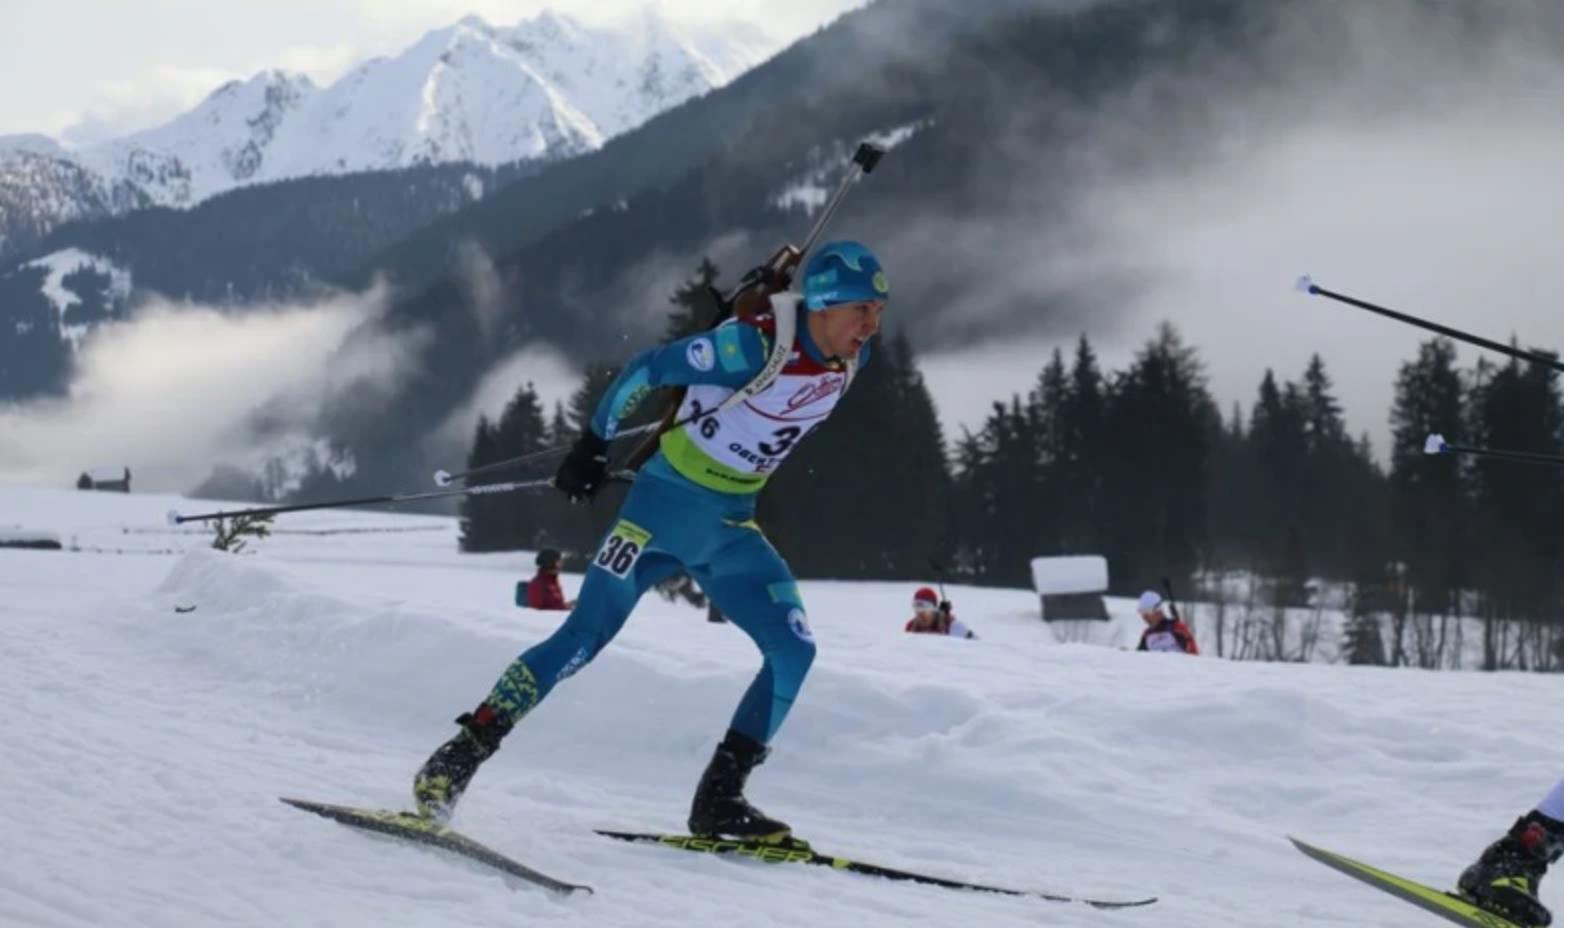 VI этап Кубка мира по биатлону: казахстанец попал в топ-30